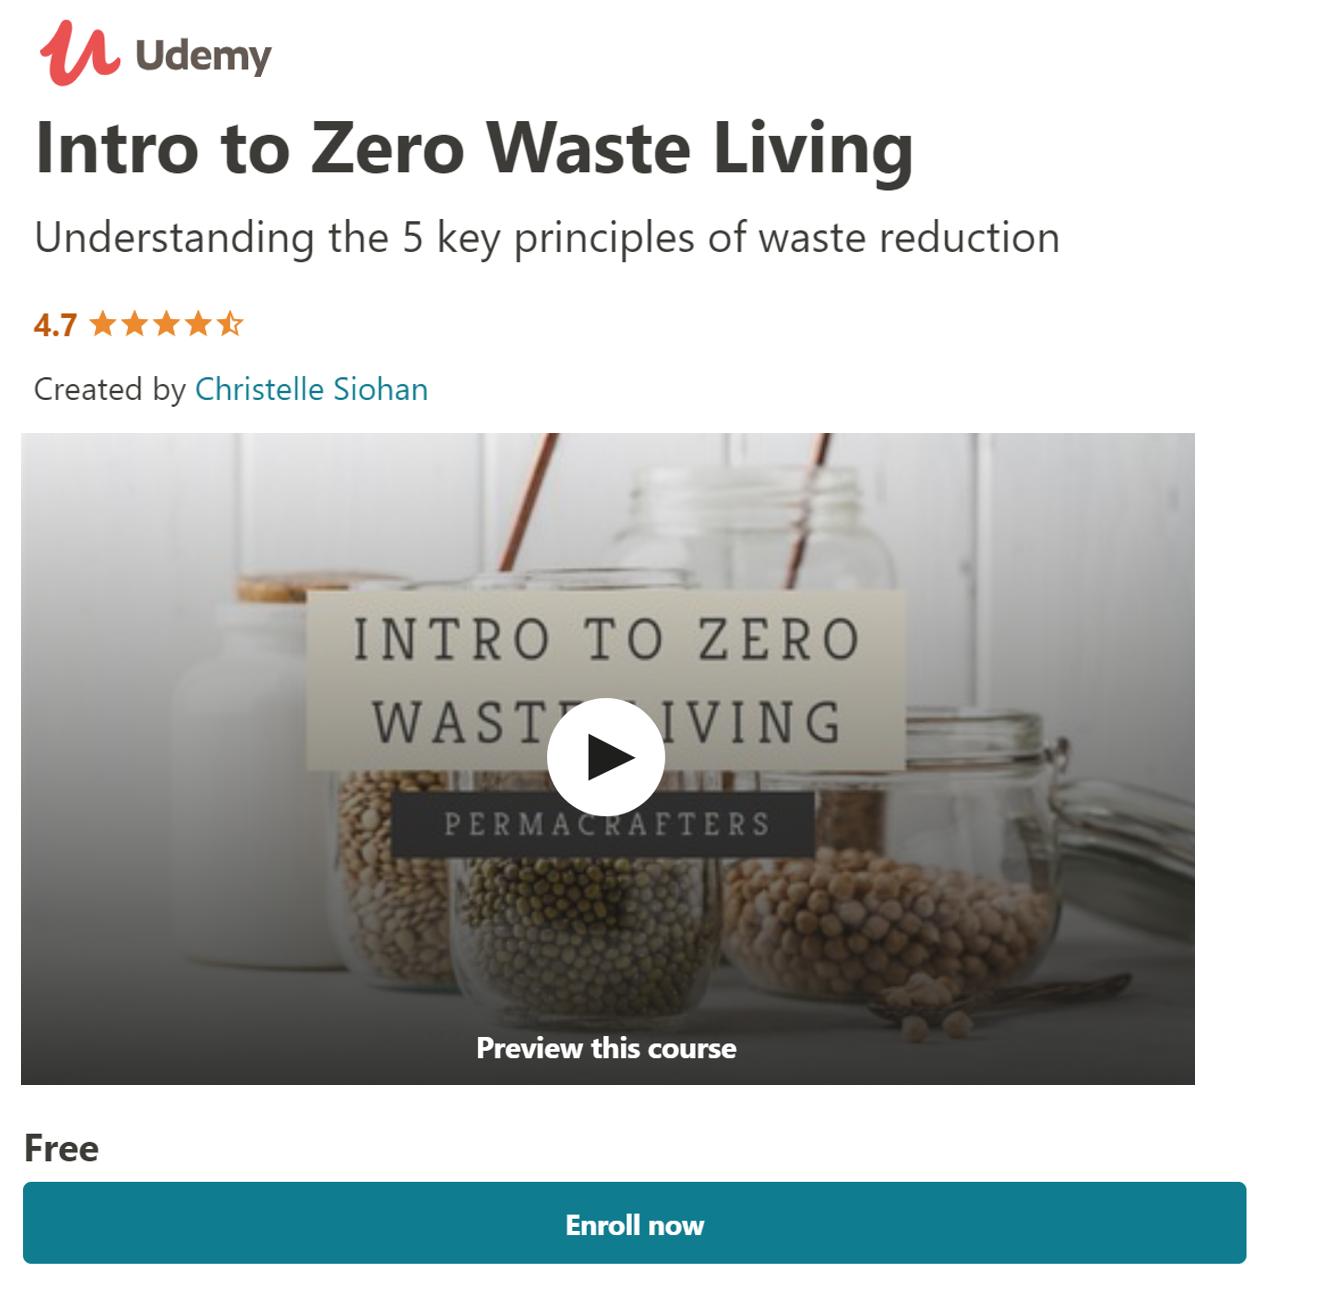 Udemy - Free Online Zero Waste Course